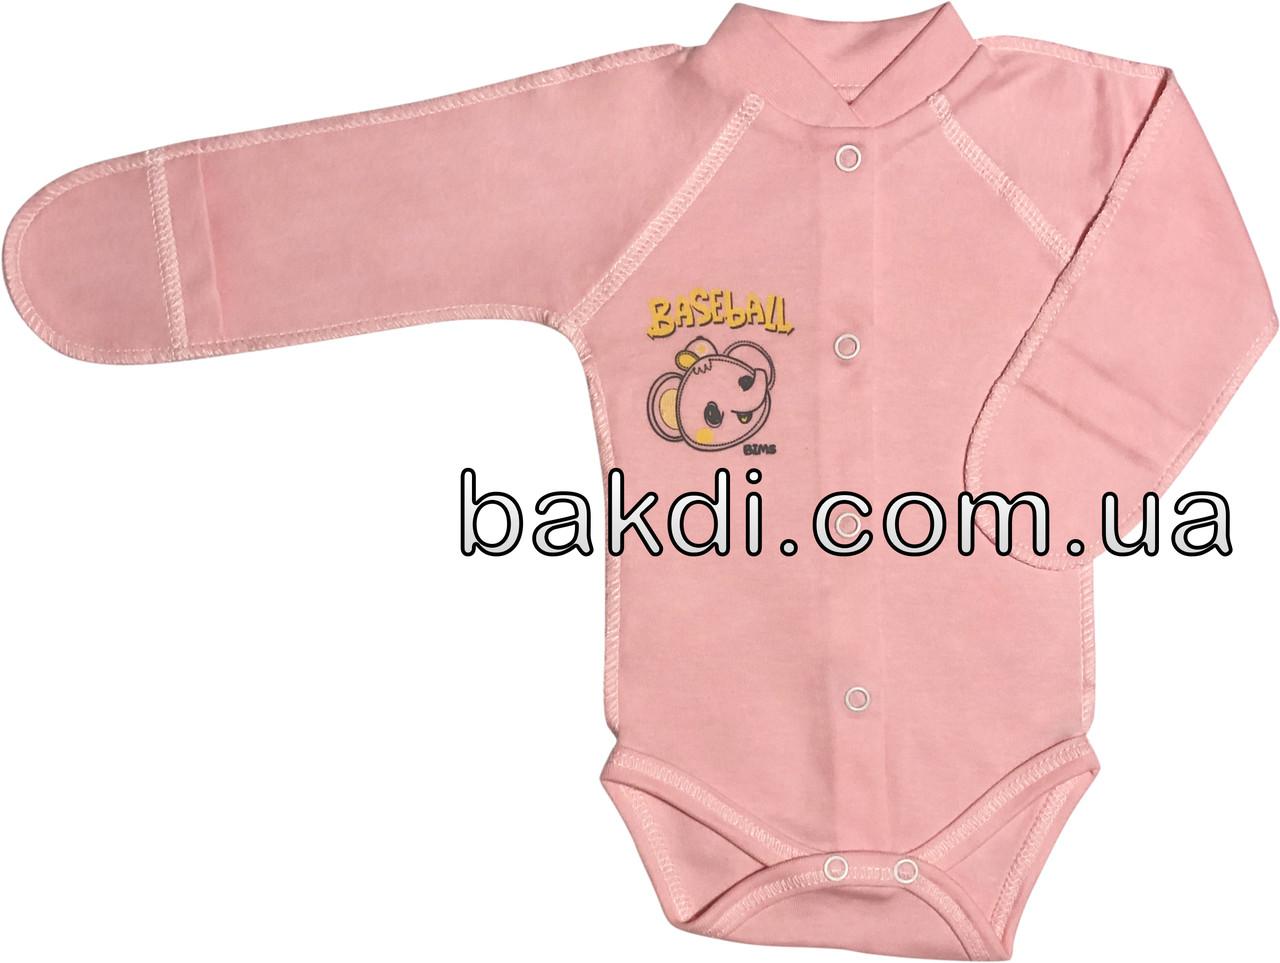 Детское боди рост 56 0-2 мес трикотажное интерлок розовое на девочку бодик с закрытыми ручками для новорожденных малышей Р186